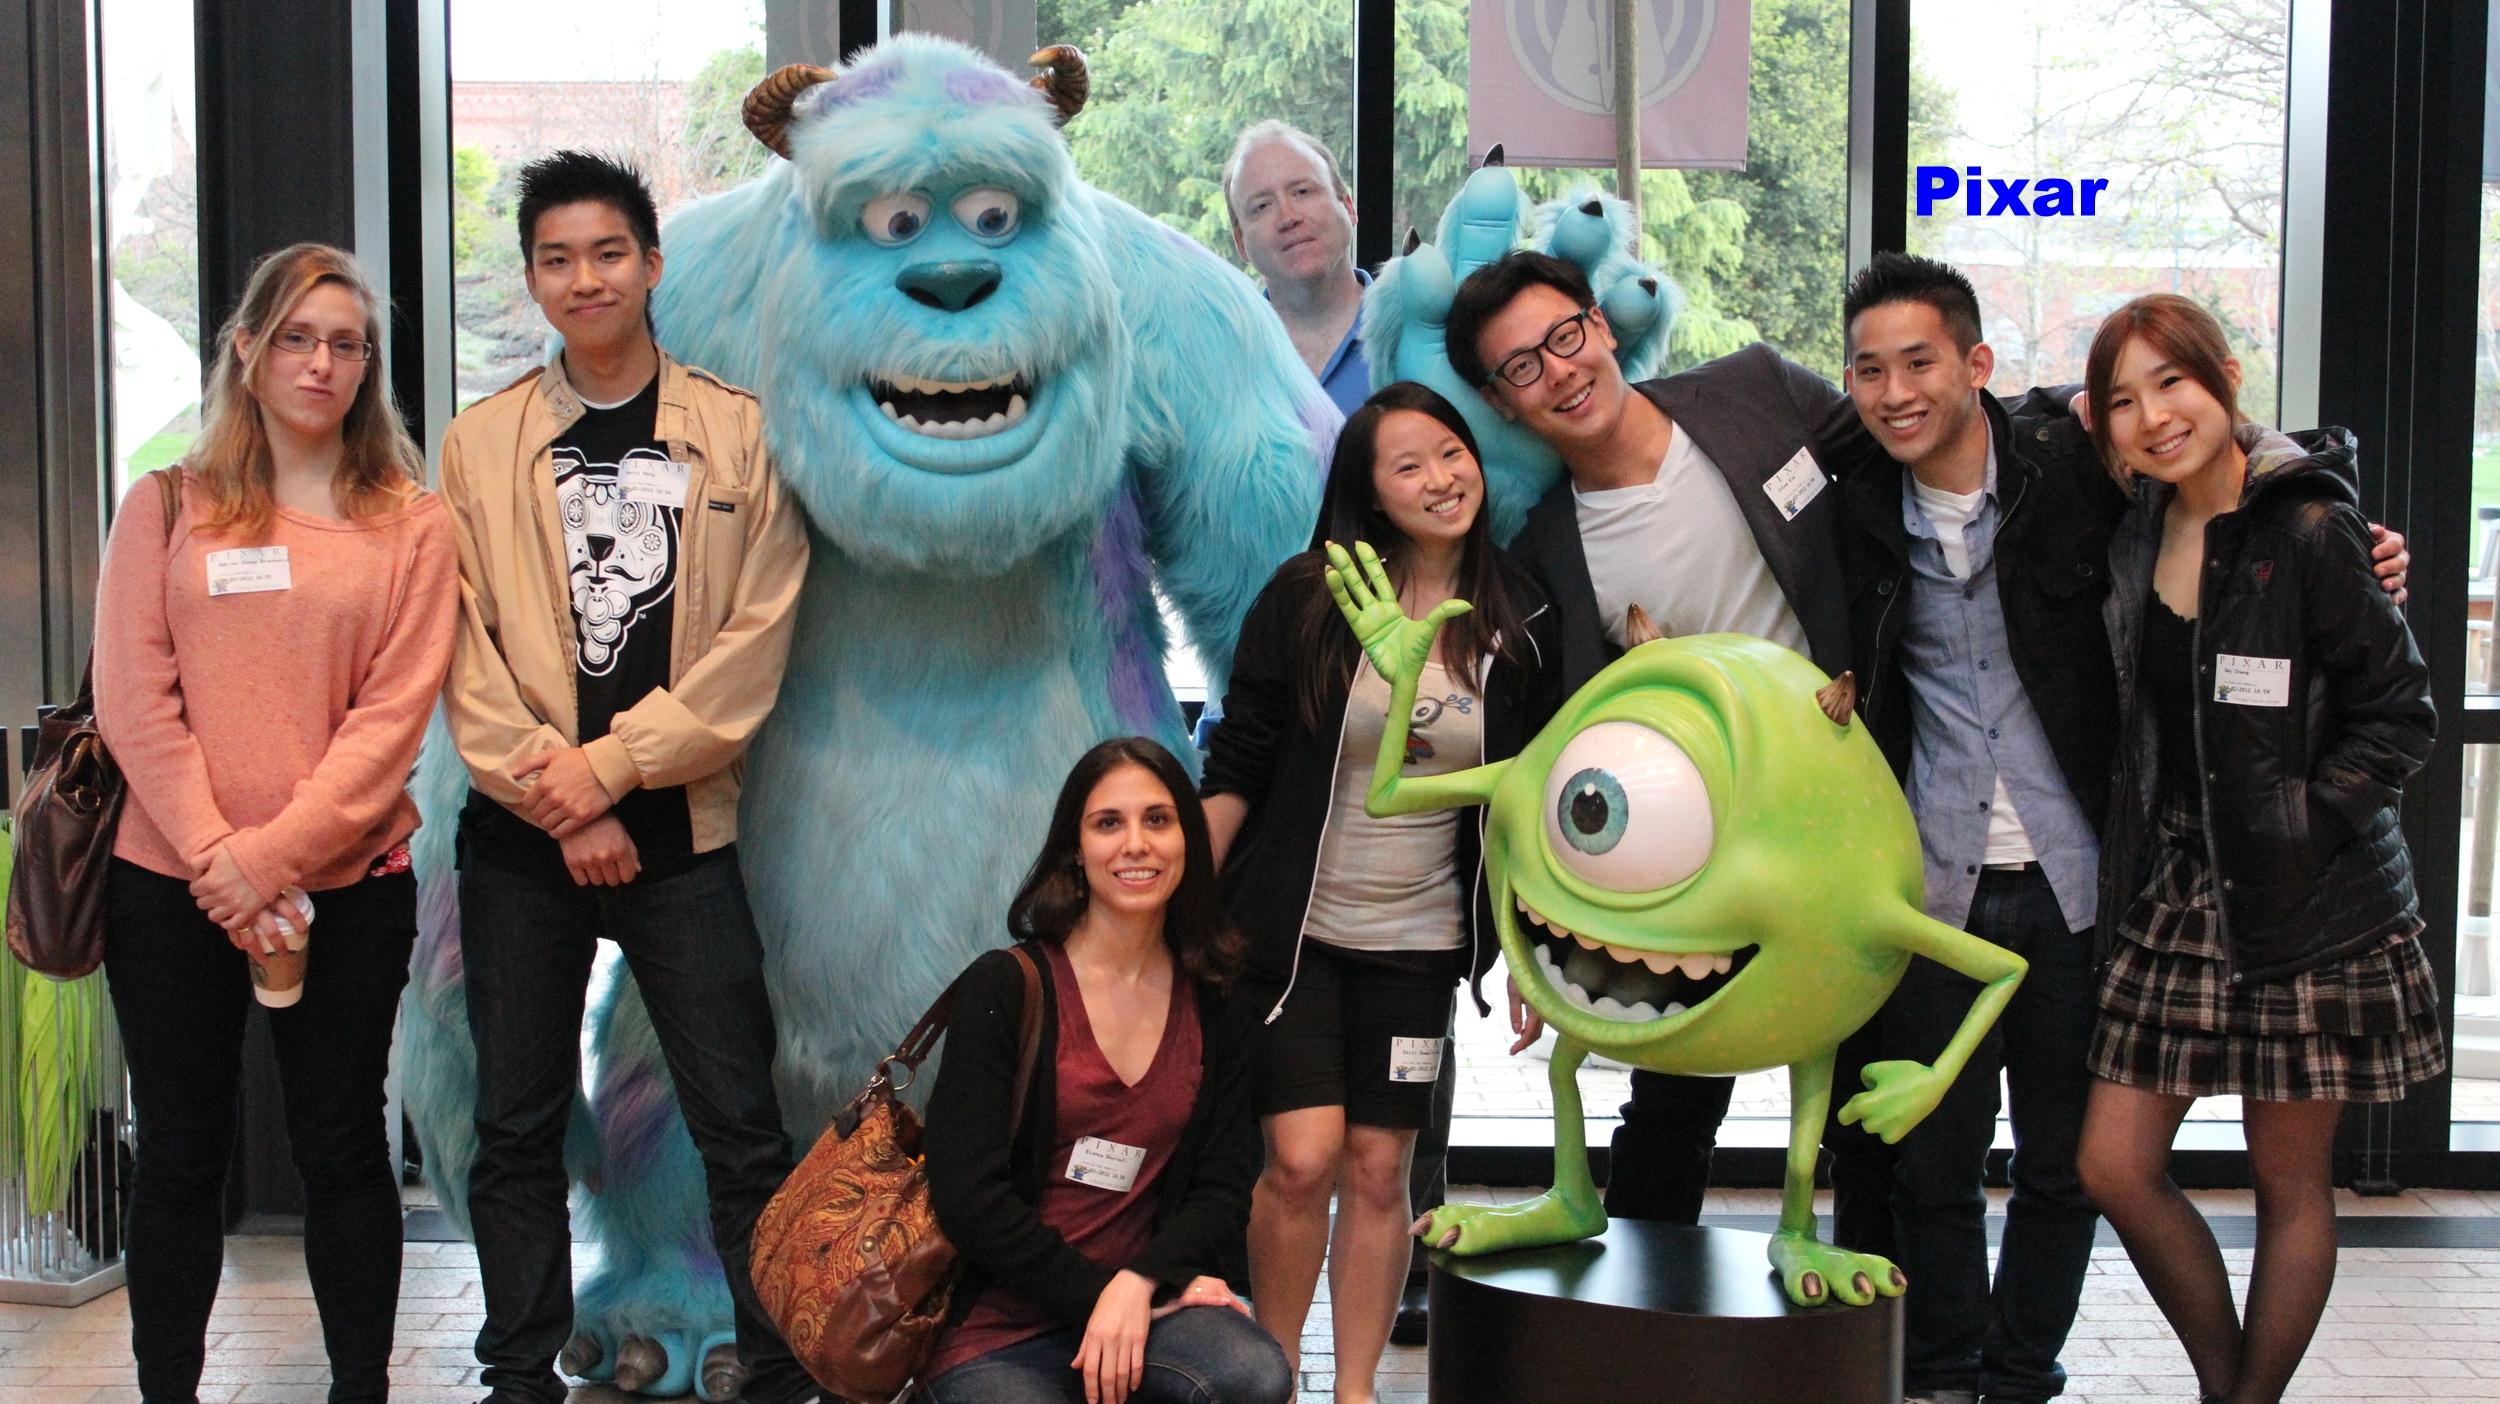 At Pixar